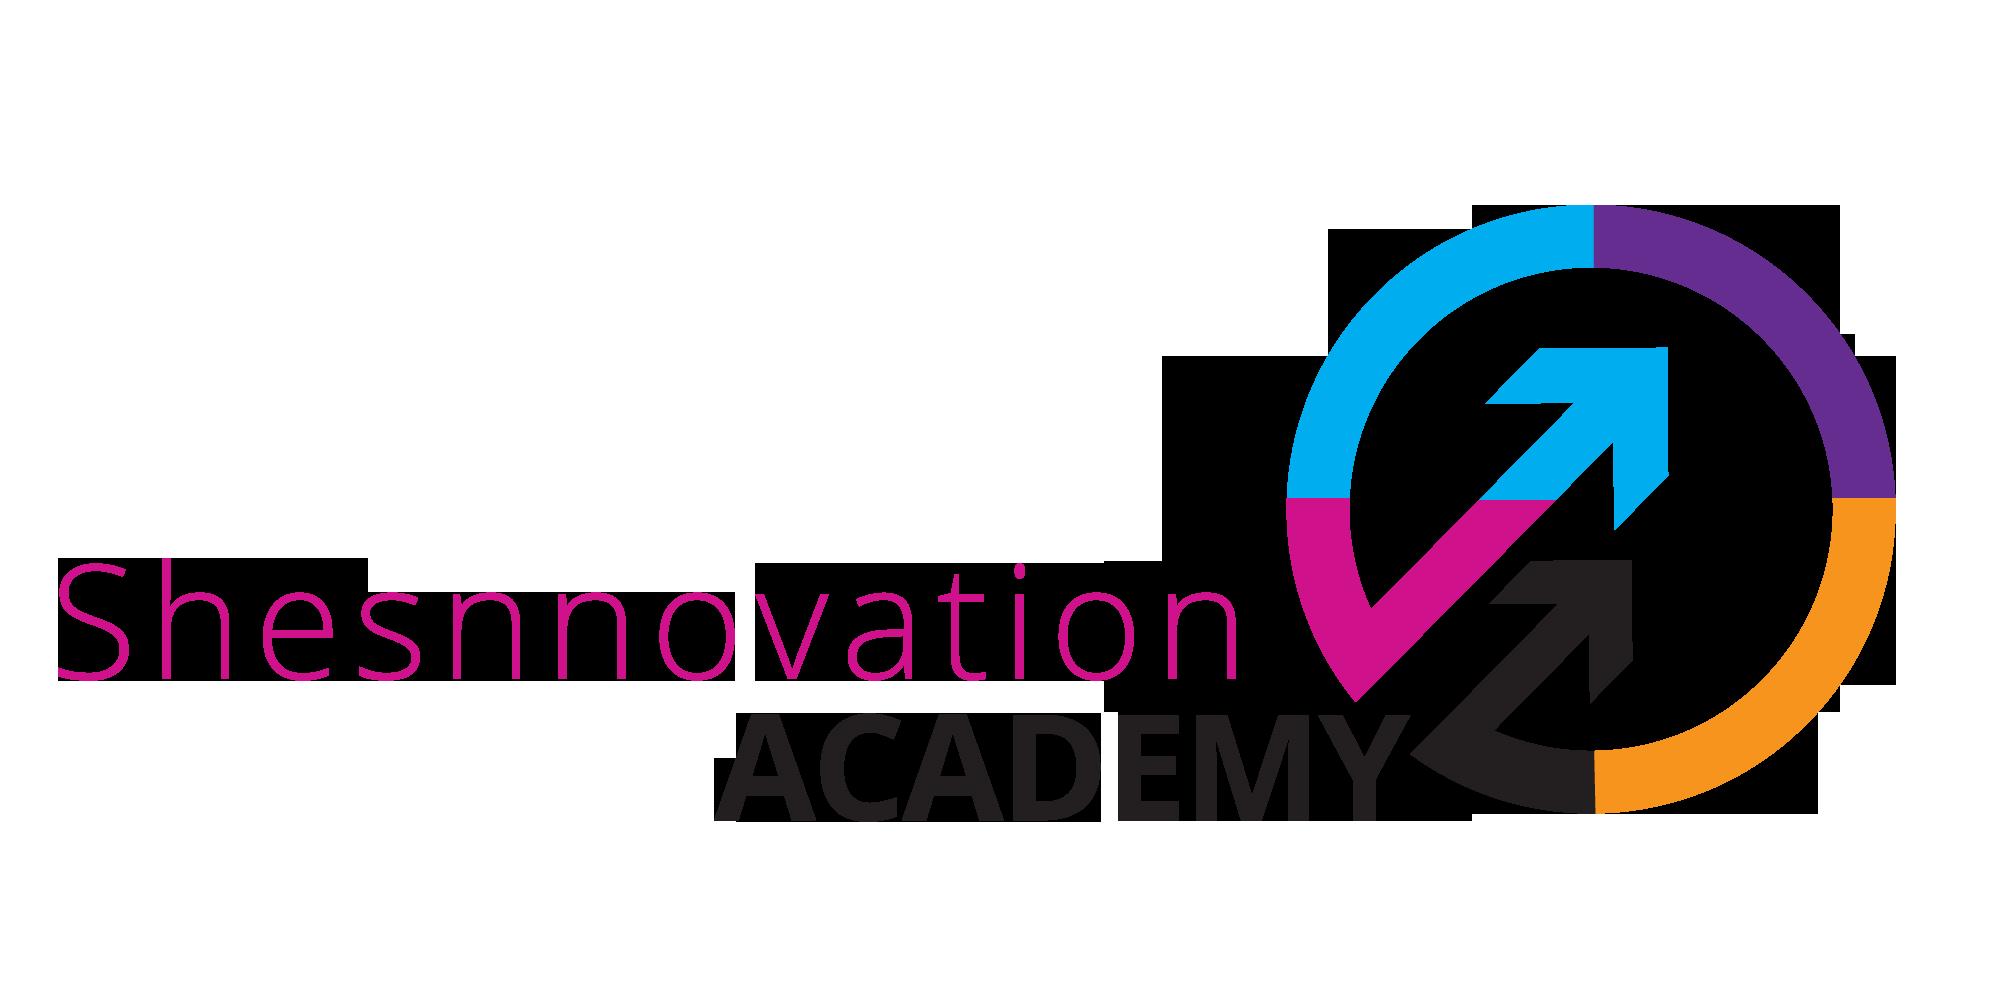 Shesnnovation Academy